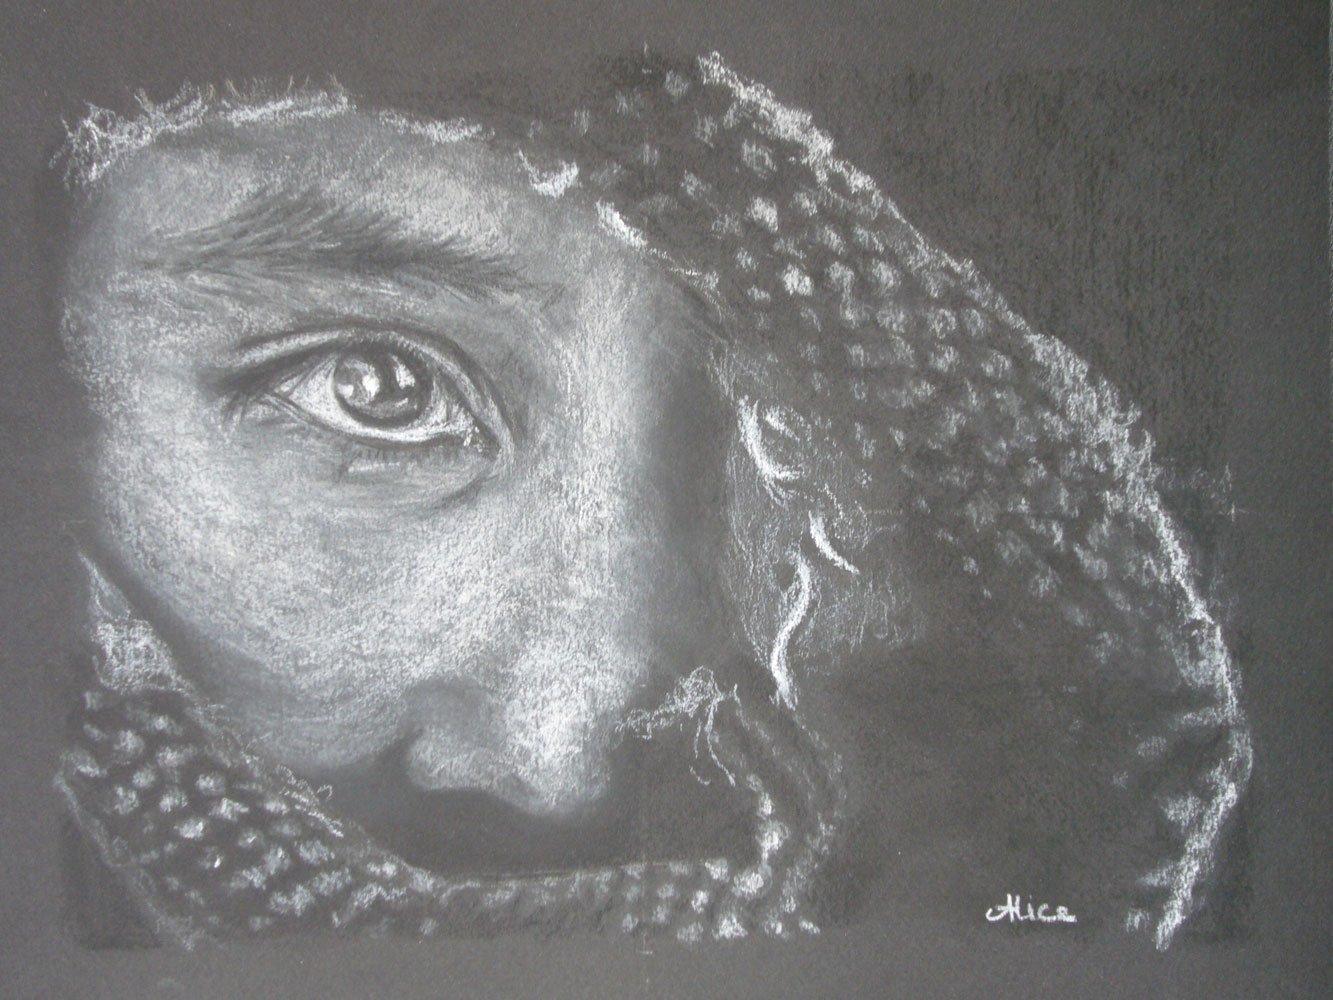 Hidden Face, dessin aux pastels secs, par Alice Gerfault